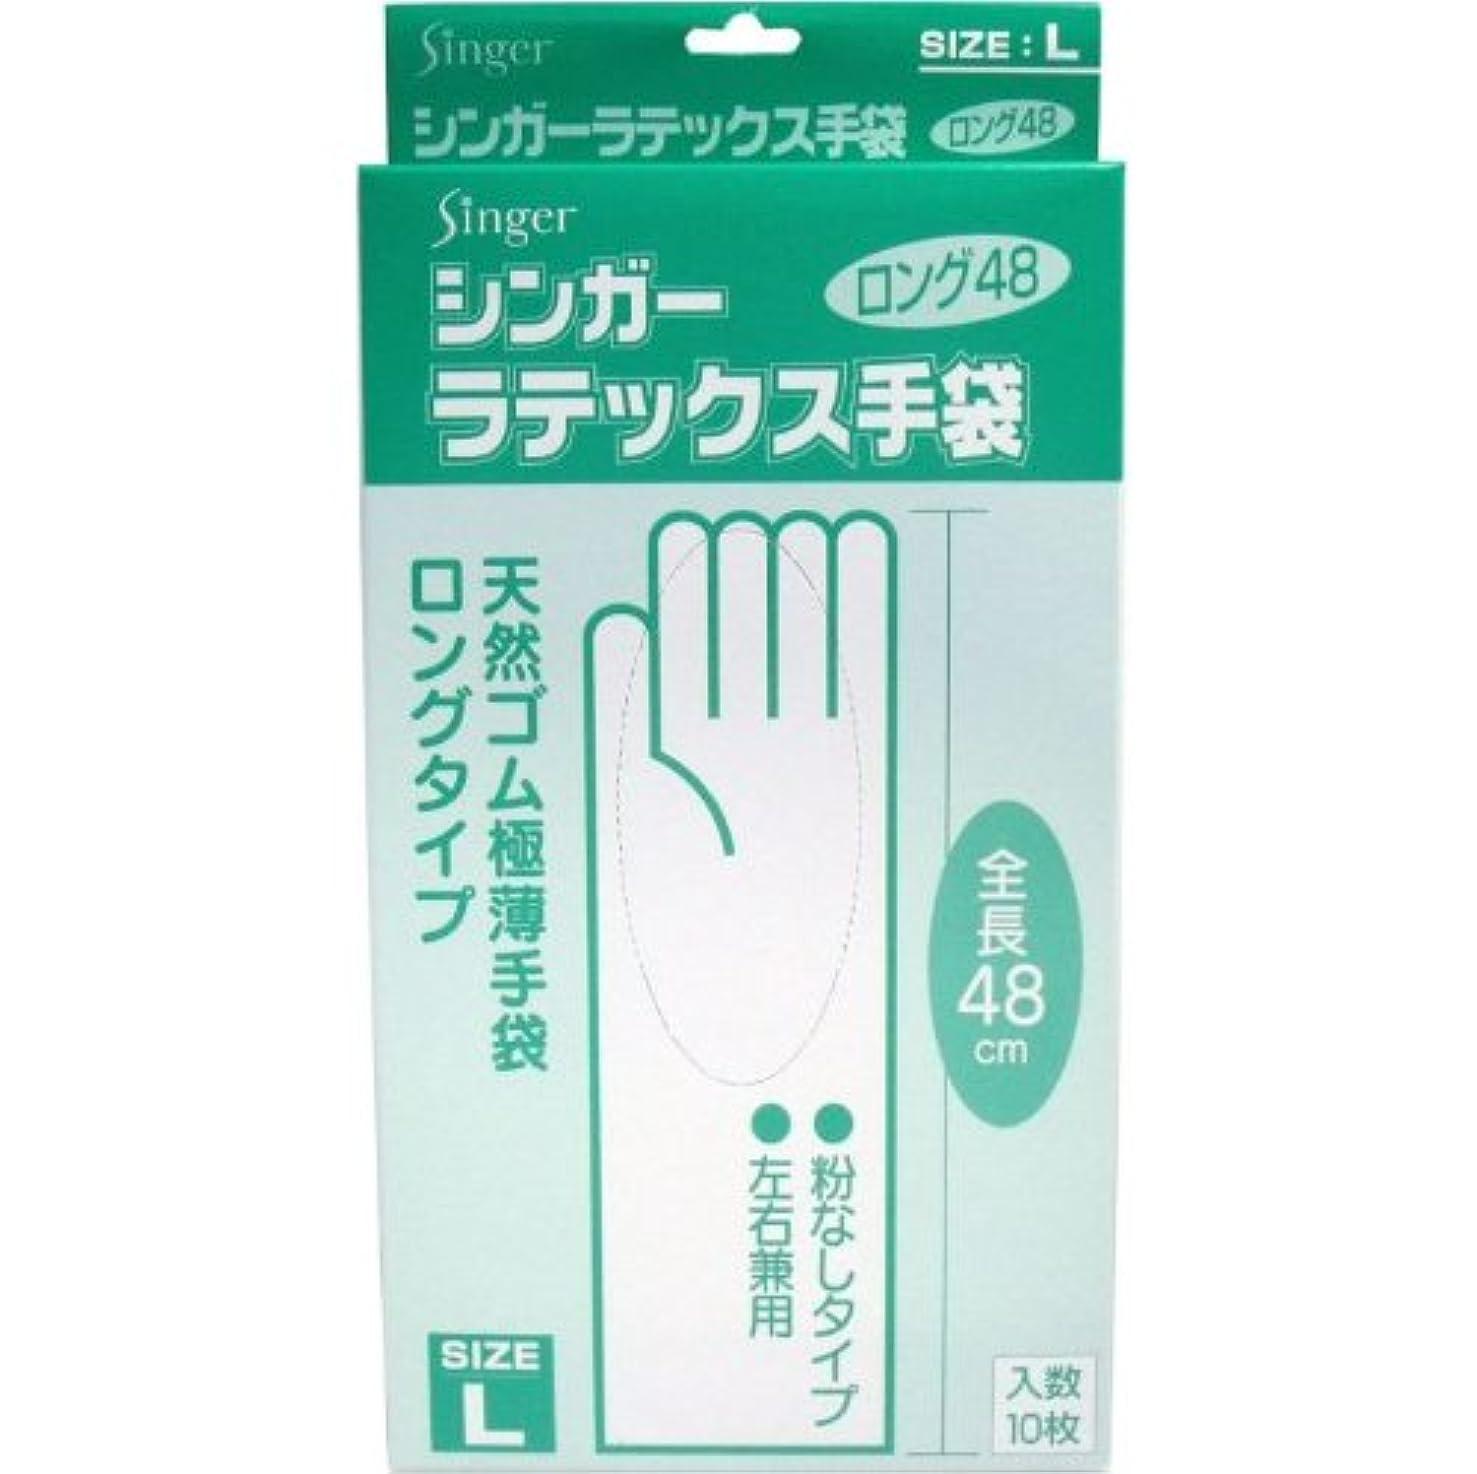 去るベンチャー排泄する食品衛生法適合品 ラテックス手袋 天然ゴム極薄手袋 ロングタイプ Lサイズ 10枚入